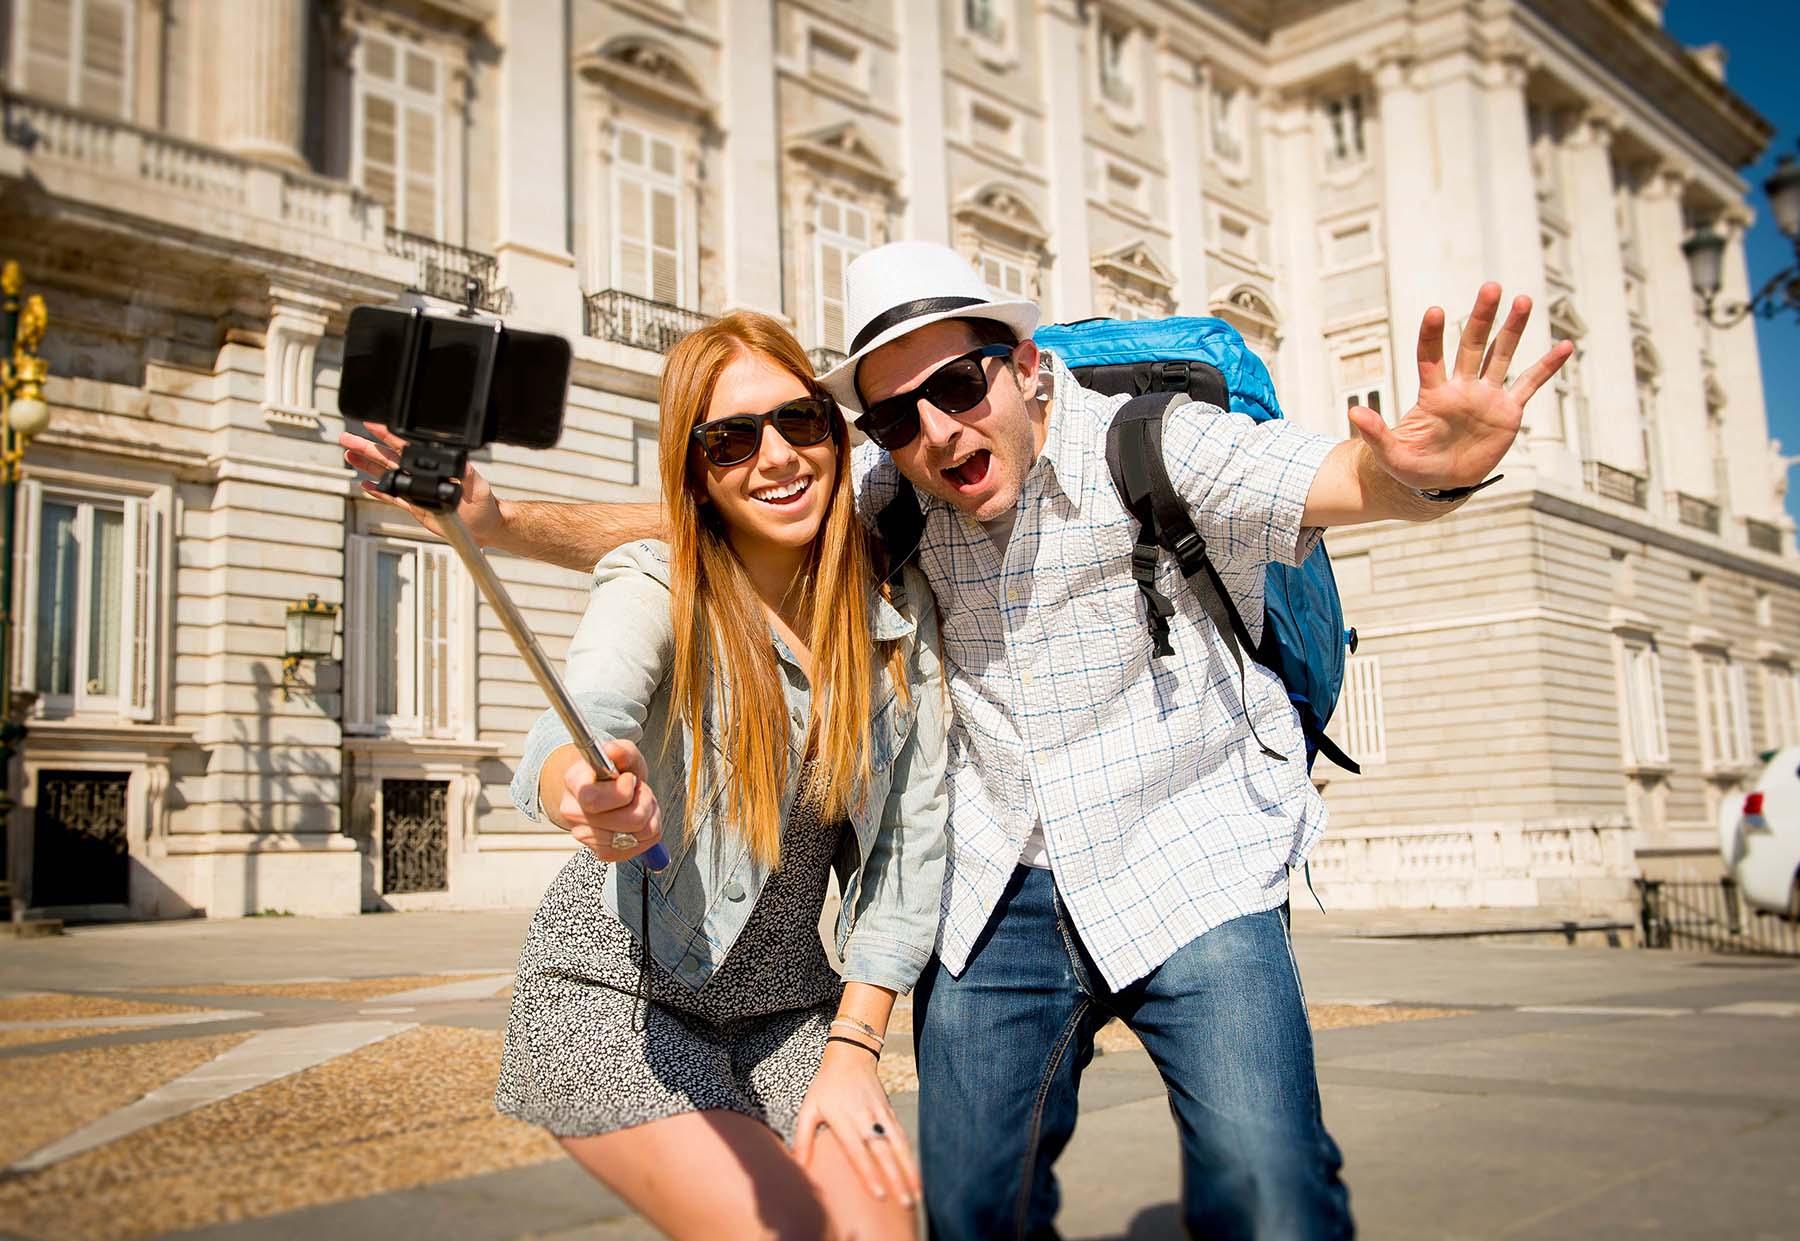 Октября день, картинки счастливые люди в городе